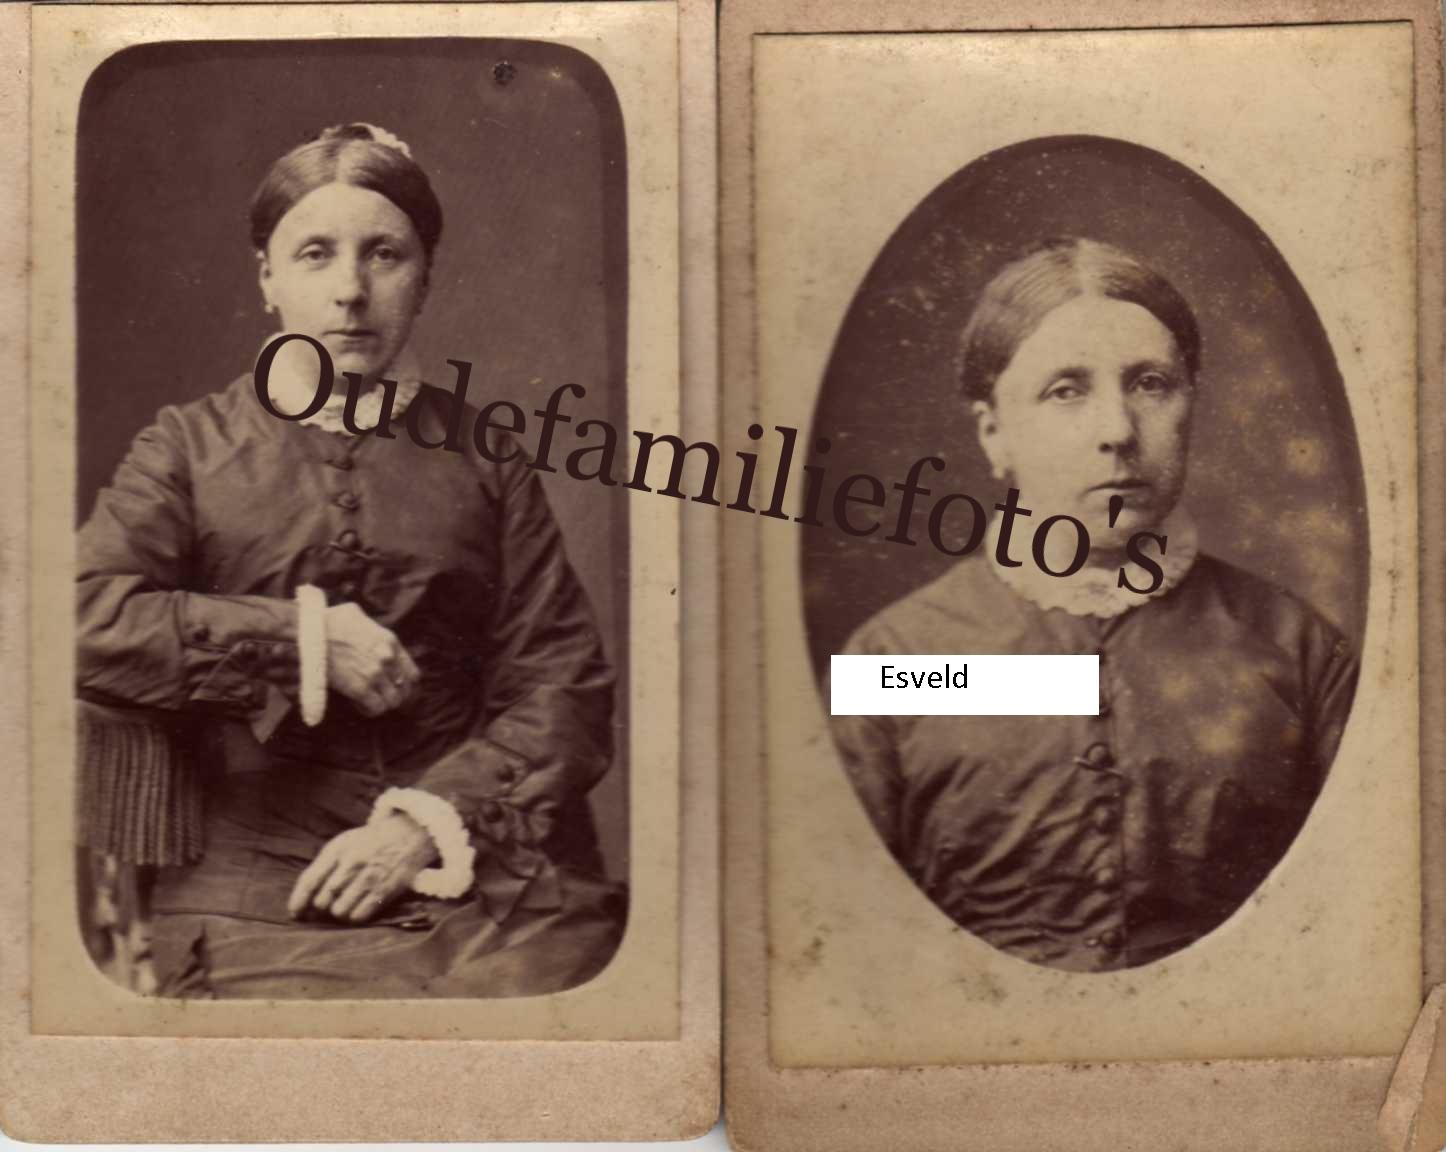 Esveld van, Johanna Geb. 15-5-1837 Amersfoort Ovl. 7-2-1917  € 4,00